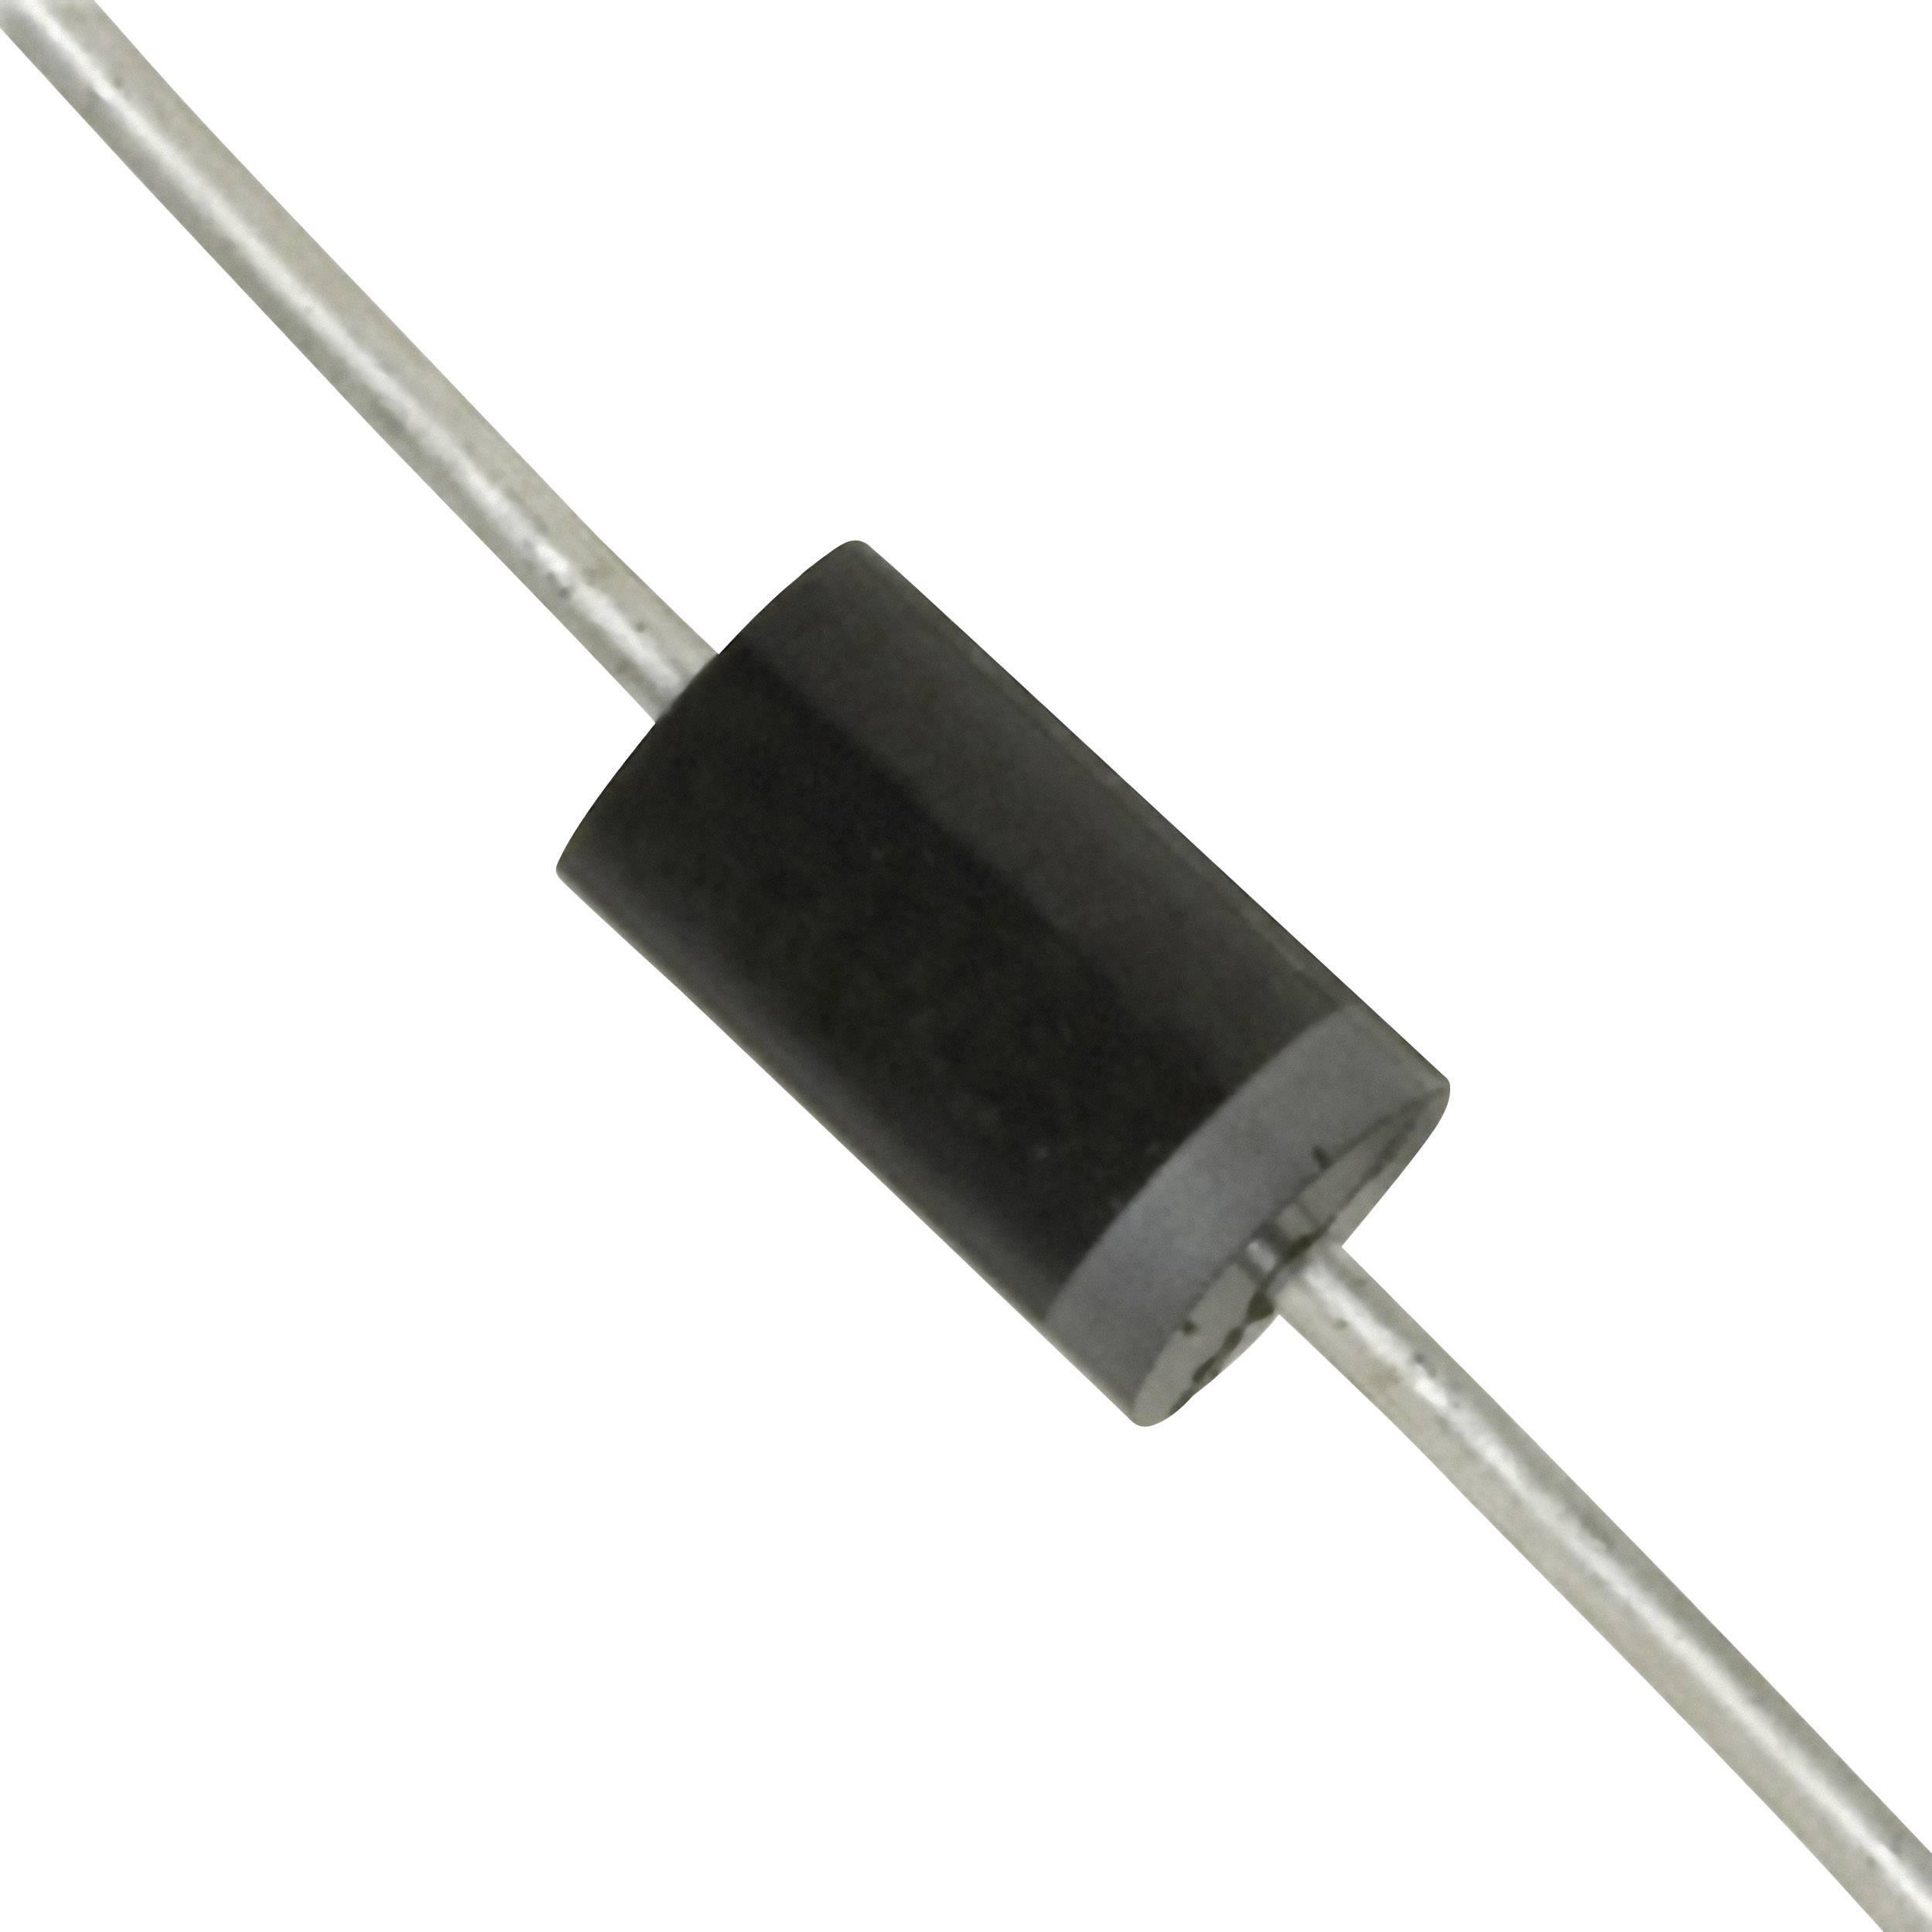 Zenerova dioda Diotec ZPD 12 V, 500 mW, DO 35 P